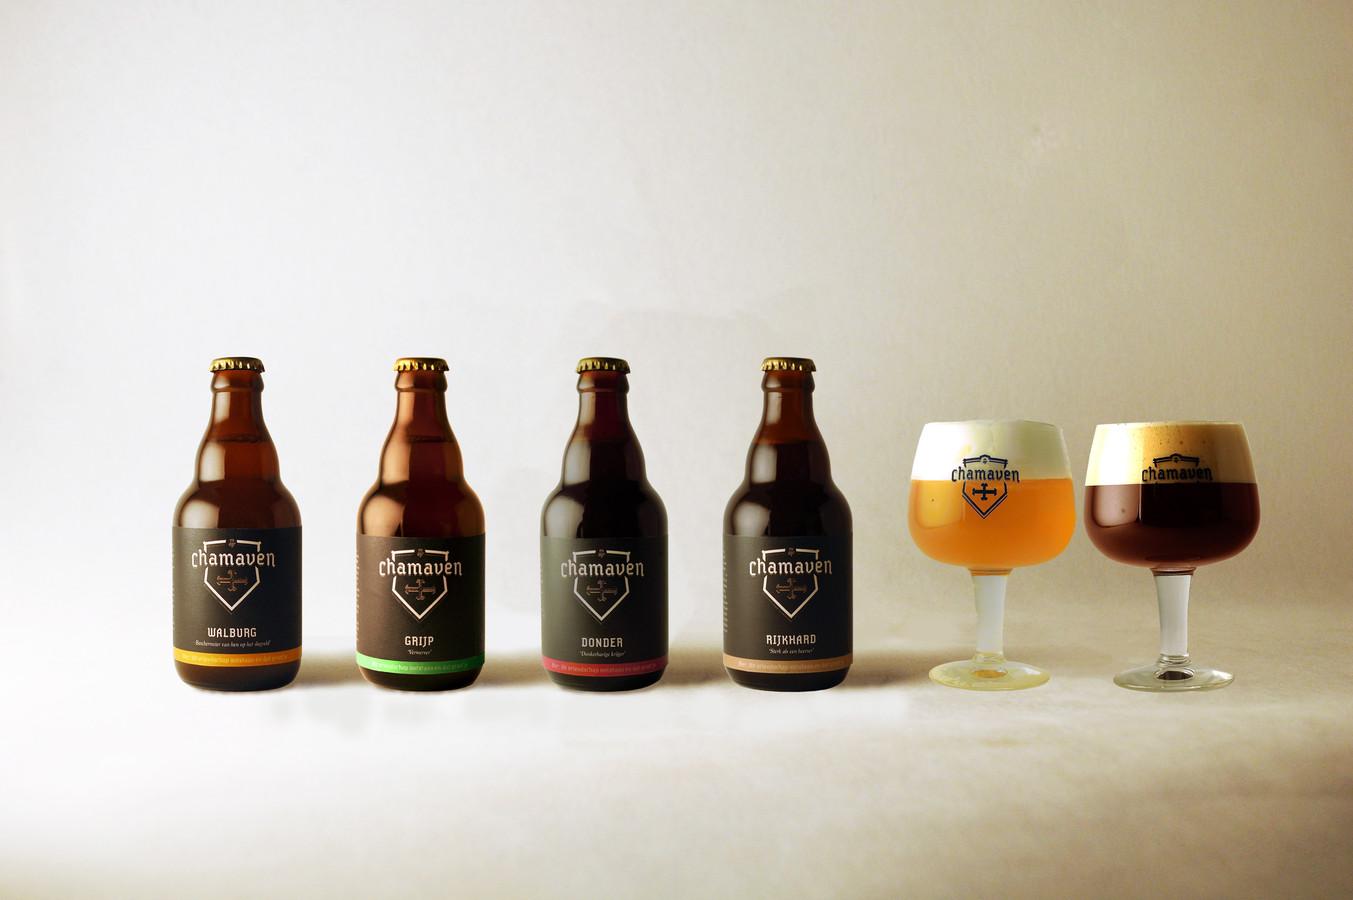 De biertjes die worden gebrouwen door het Zutphense Chamaven